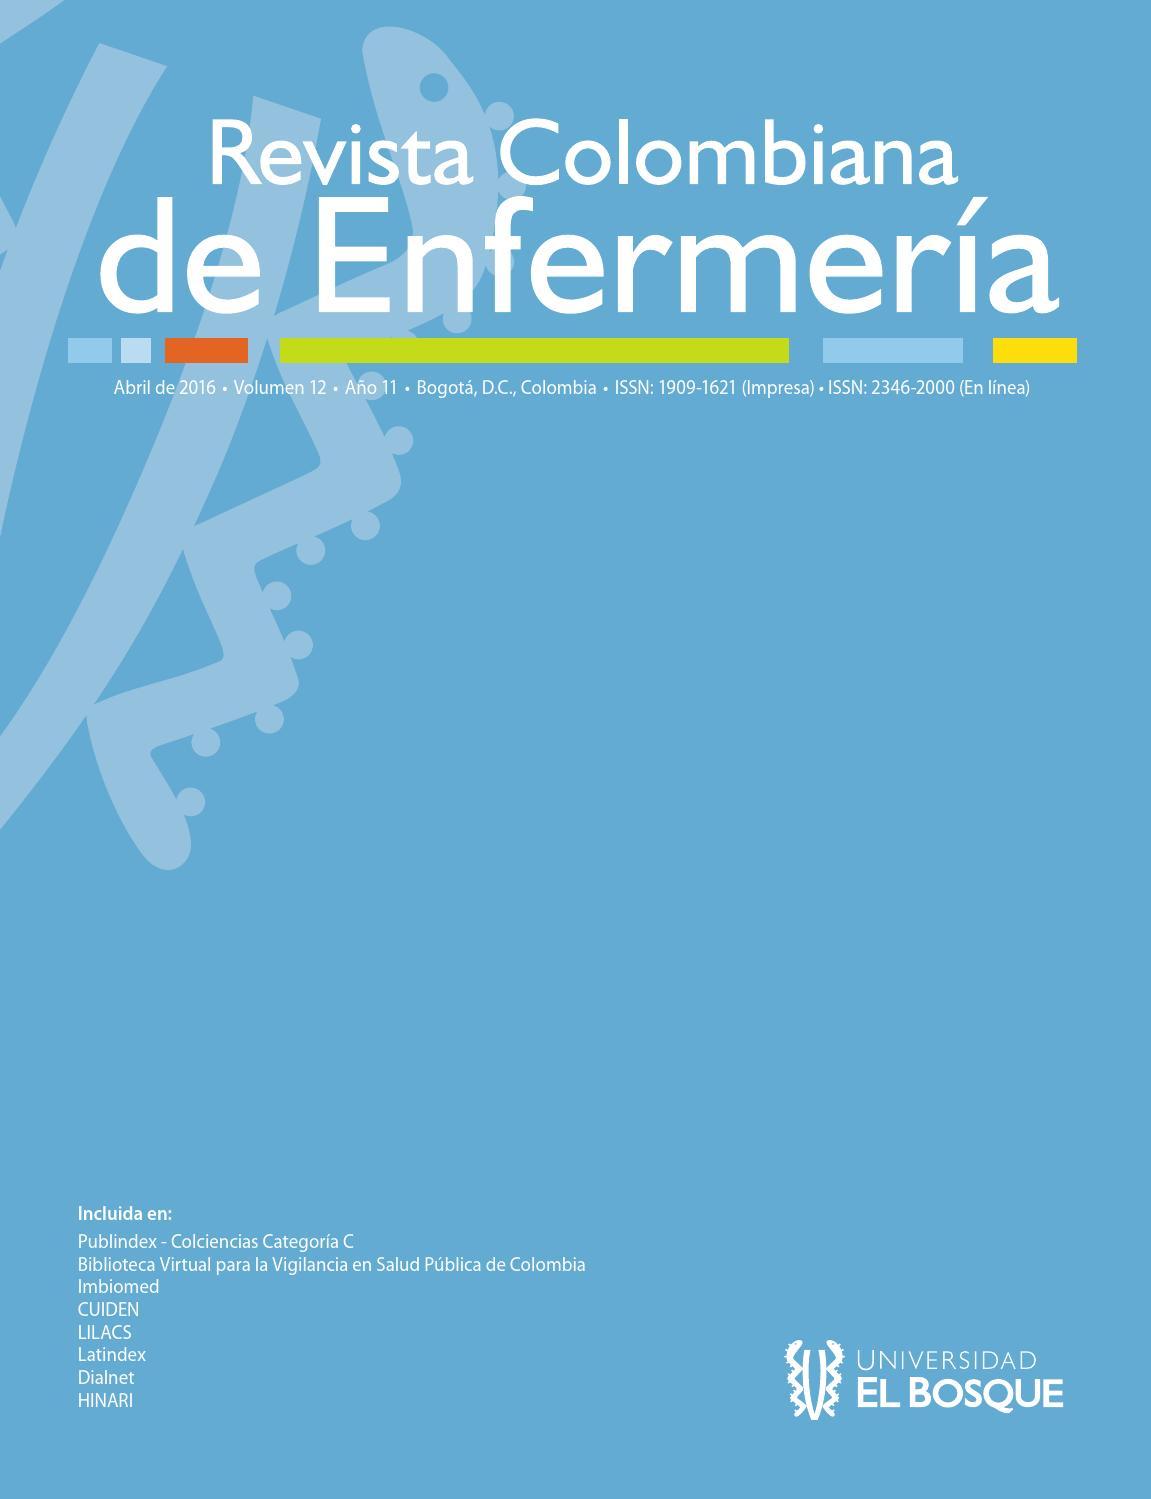 Revista Colombiana de Enfermería Vol. 12 Año 11 by Universidad El ...